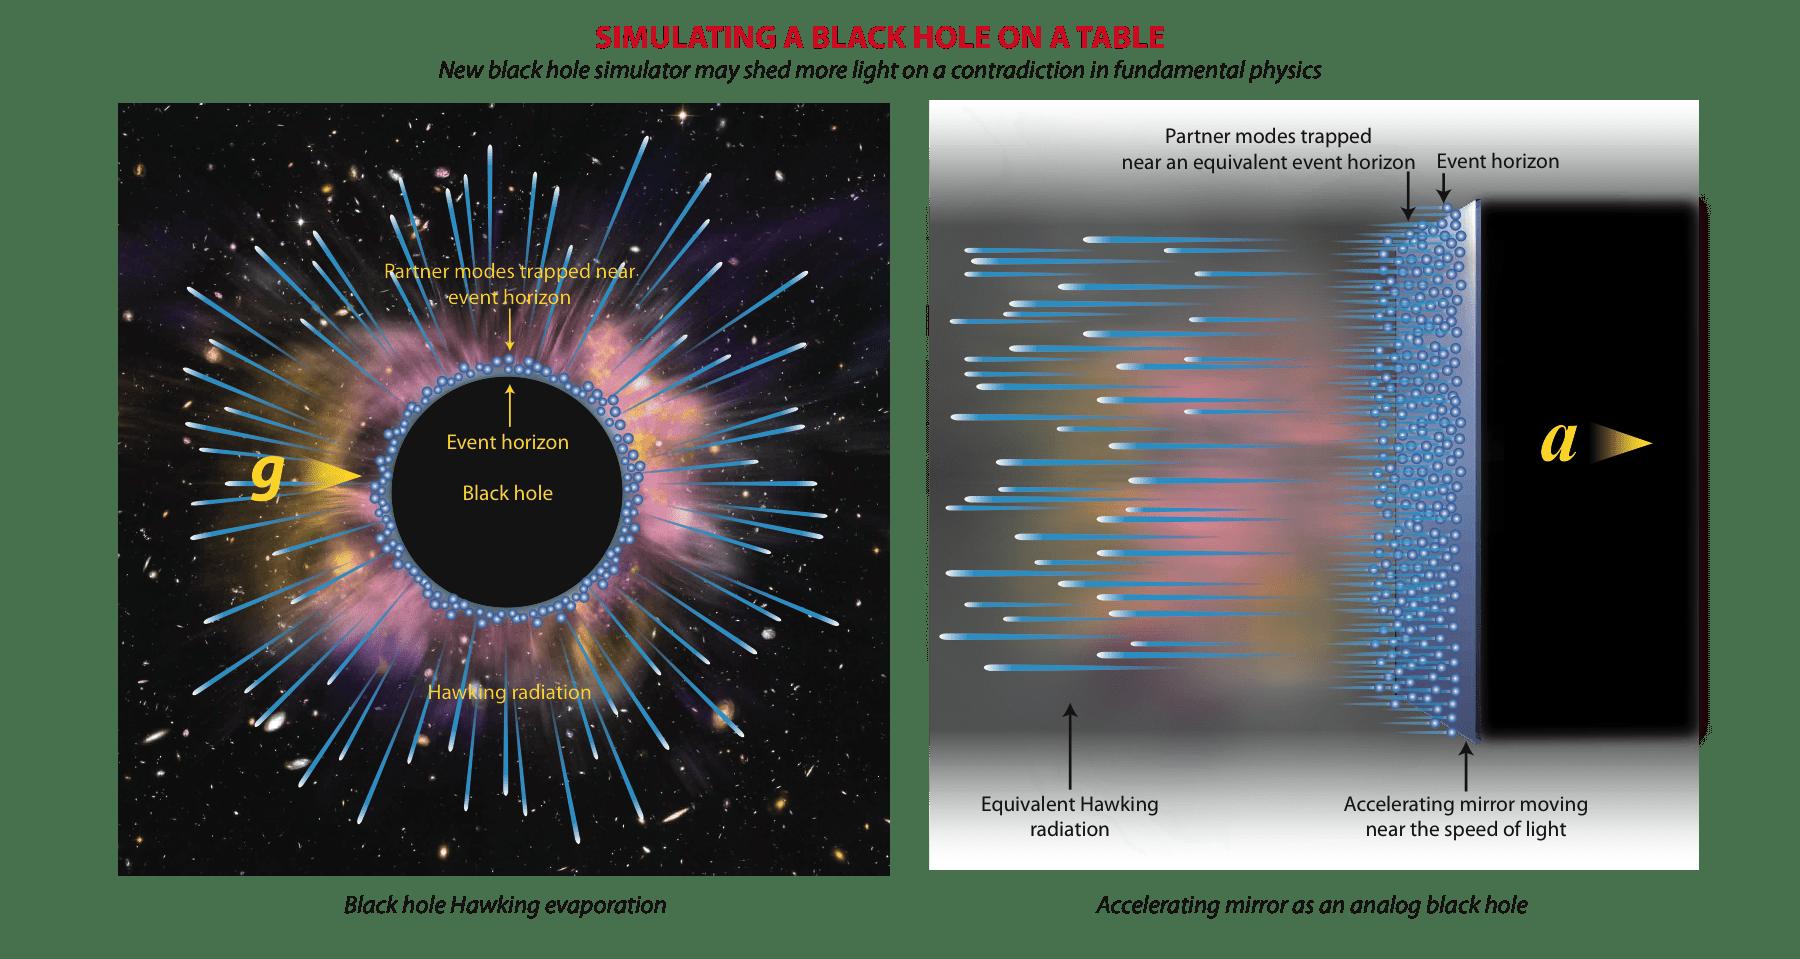 加速反射鏡可以模擬黑洞霍金蒸發。左:黑洞霍金輻射及其被困在黑洞事件視平線的對偶型。右:一個加速的反射鏡也有視平線,也會輻射霍金粒子及困住對偶型。兩者的相似性可以從愛因斯坦的「等價原理」來理解。圖/陳丕燊教授提供